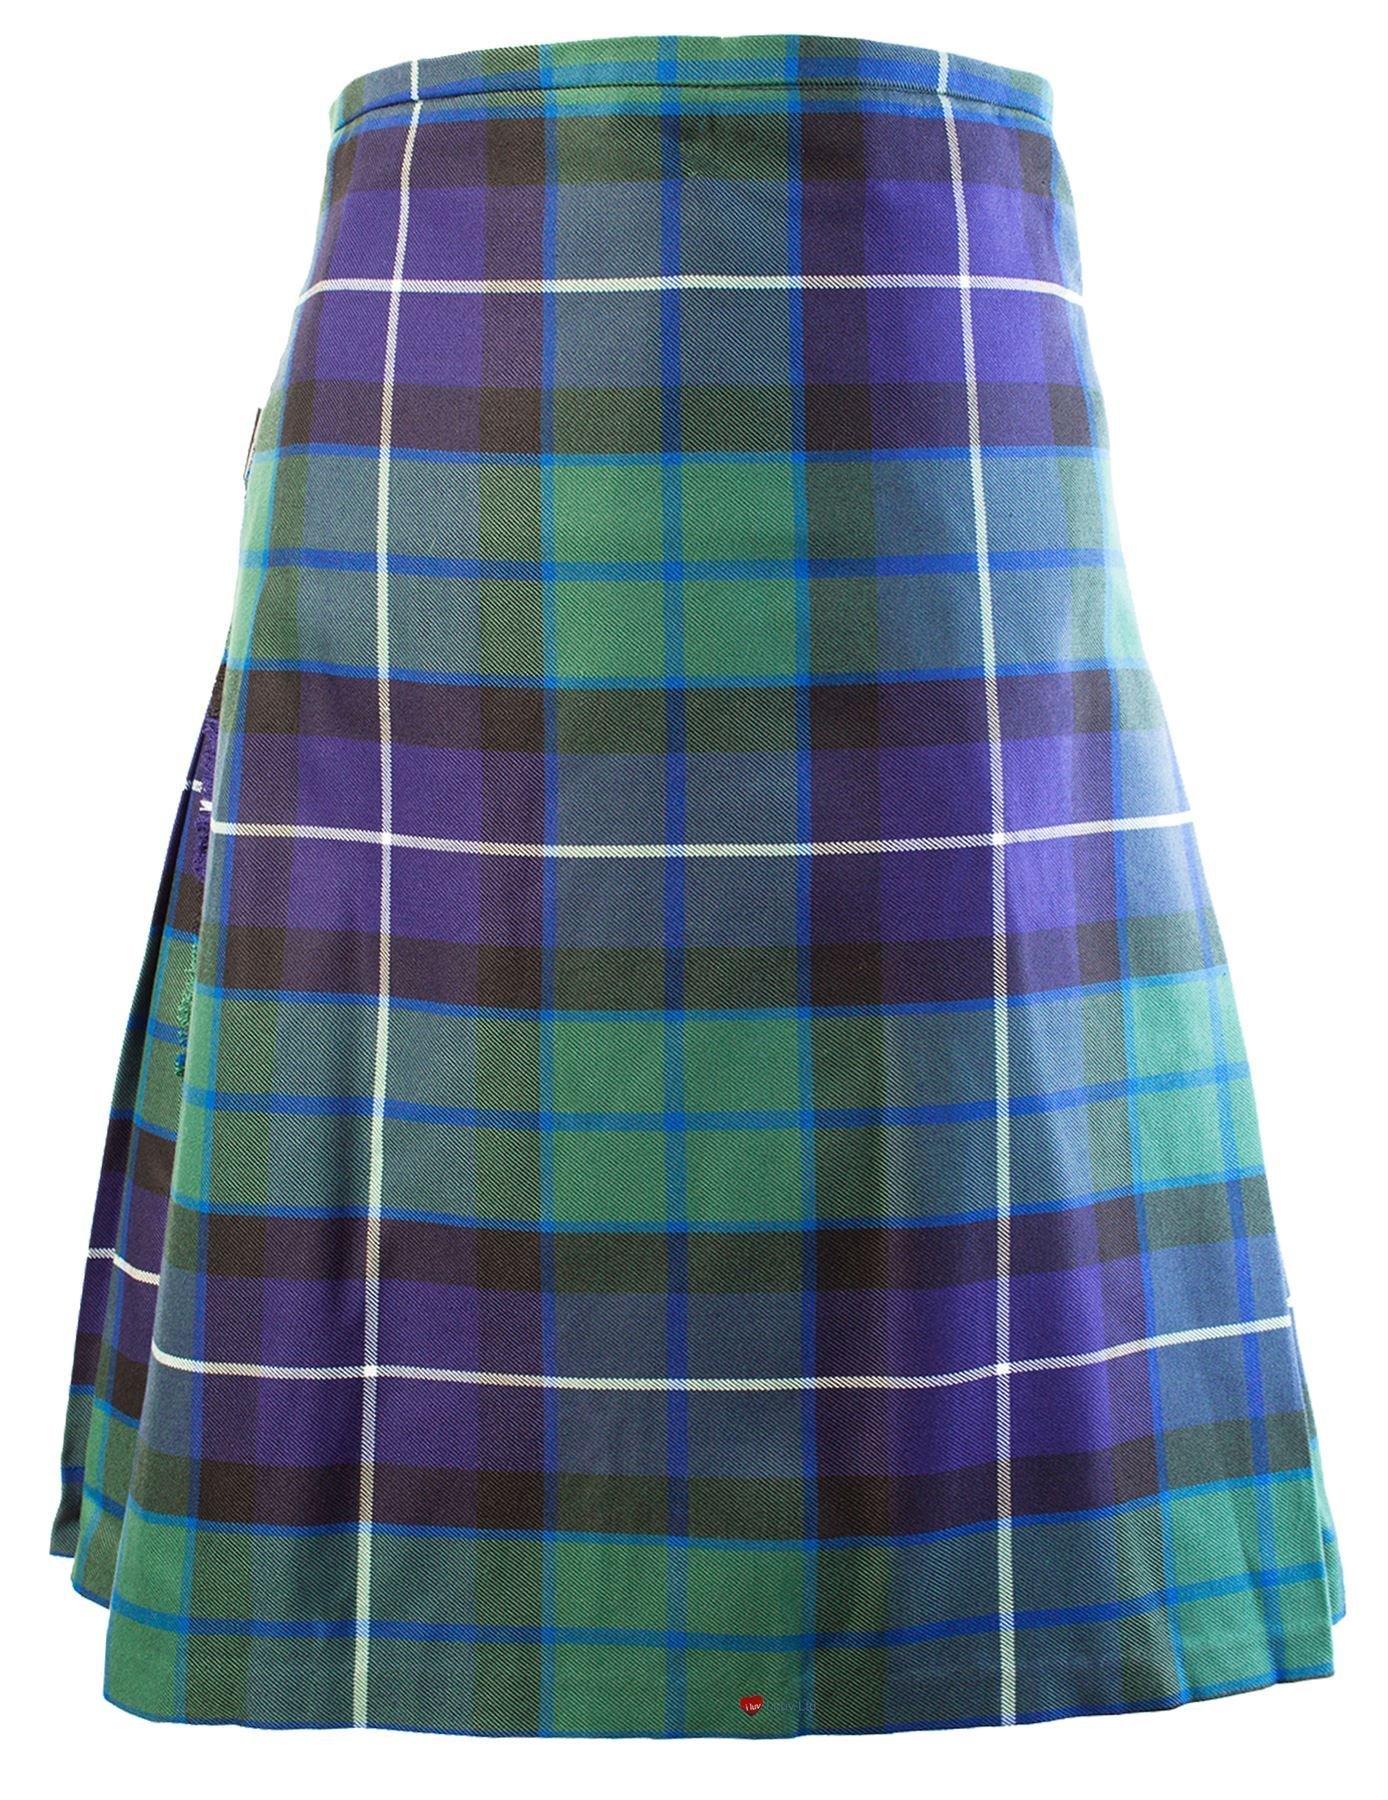 Gents Scottish Kilt Full 8 Yard 24in Drop Waist 46-48 Colour Freedom Tartan